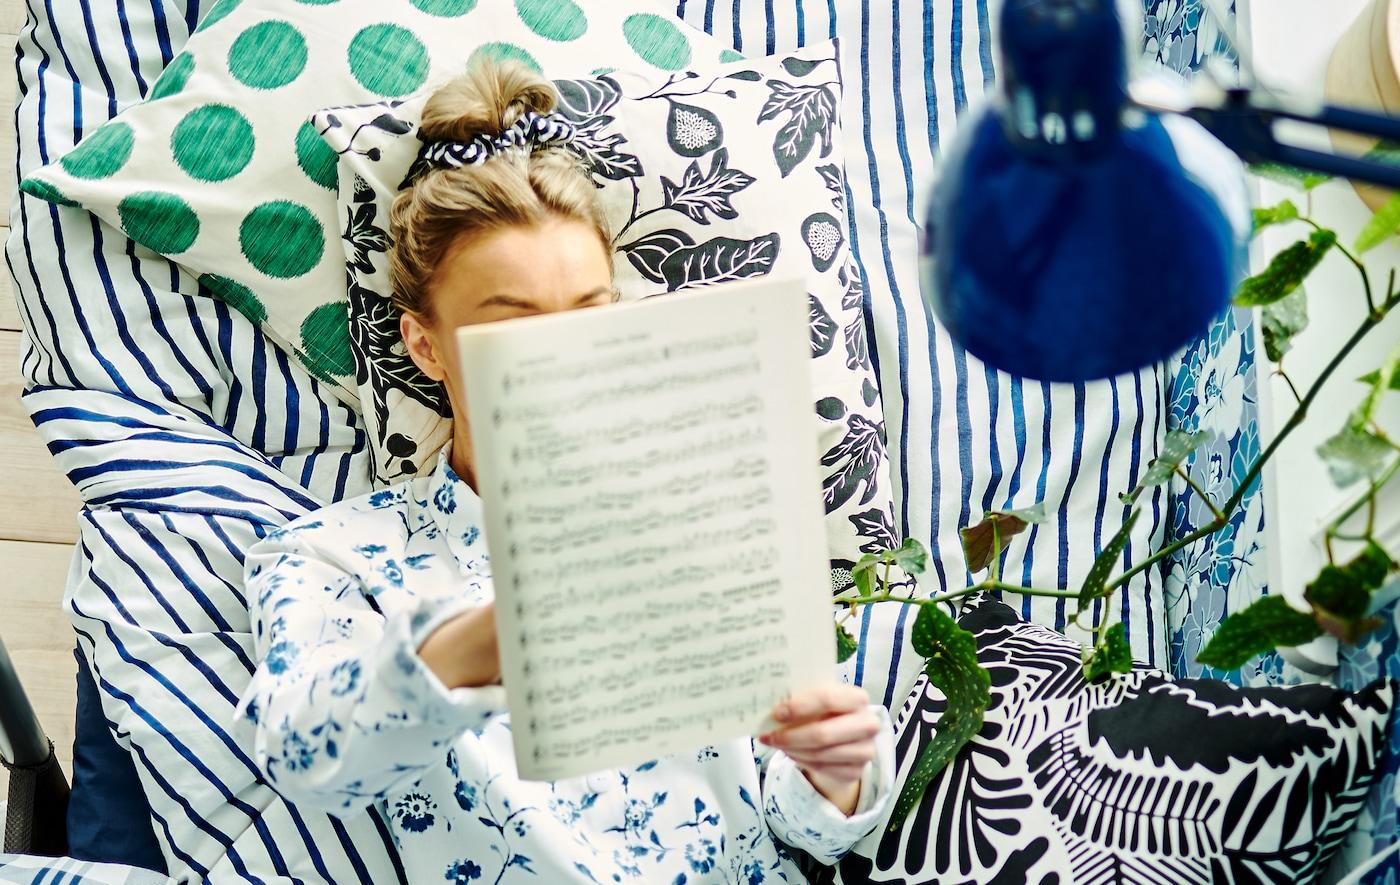 امرأة مستلقية على سرير وحولها وسائد ومفارش سرير وورق حائط بنقوش مختلفة، وهي تقرأ النوتات الموسيقية.